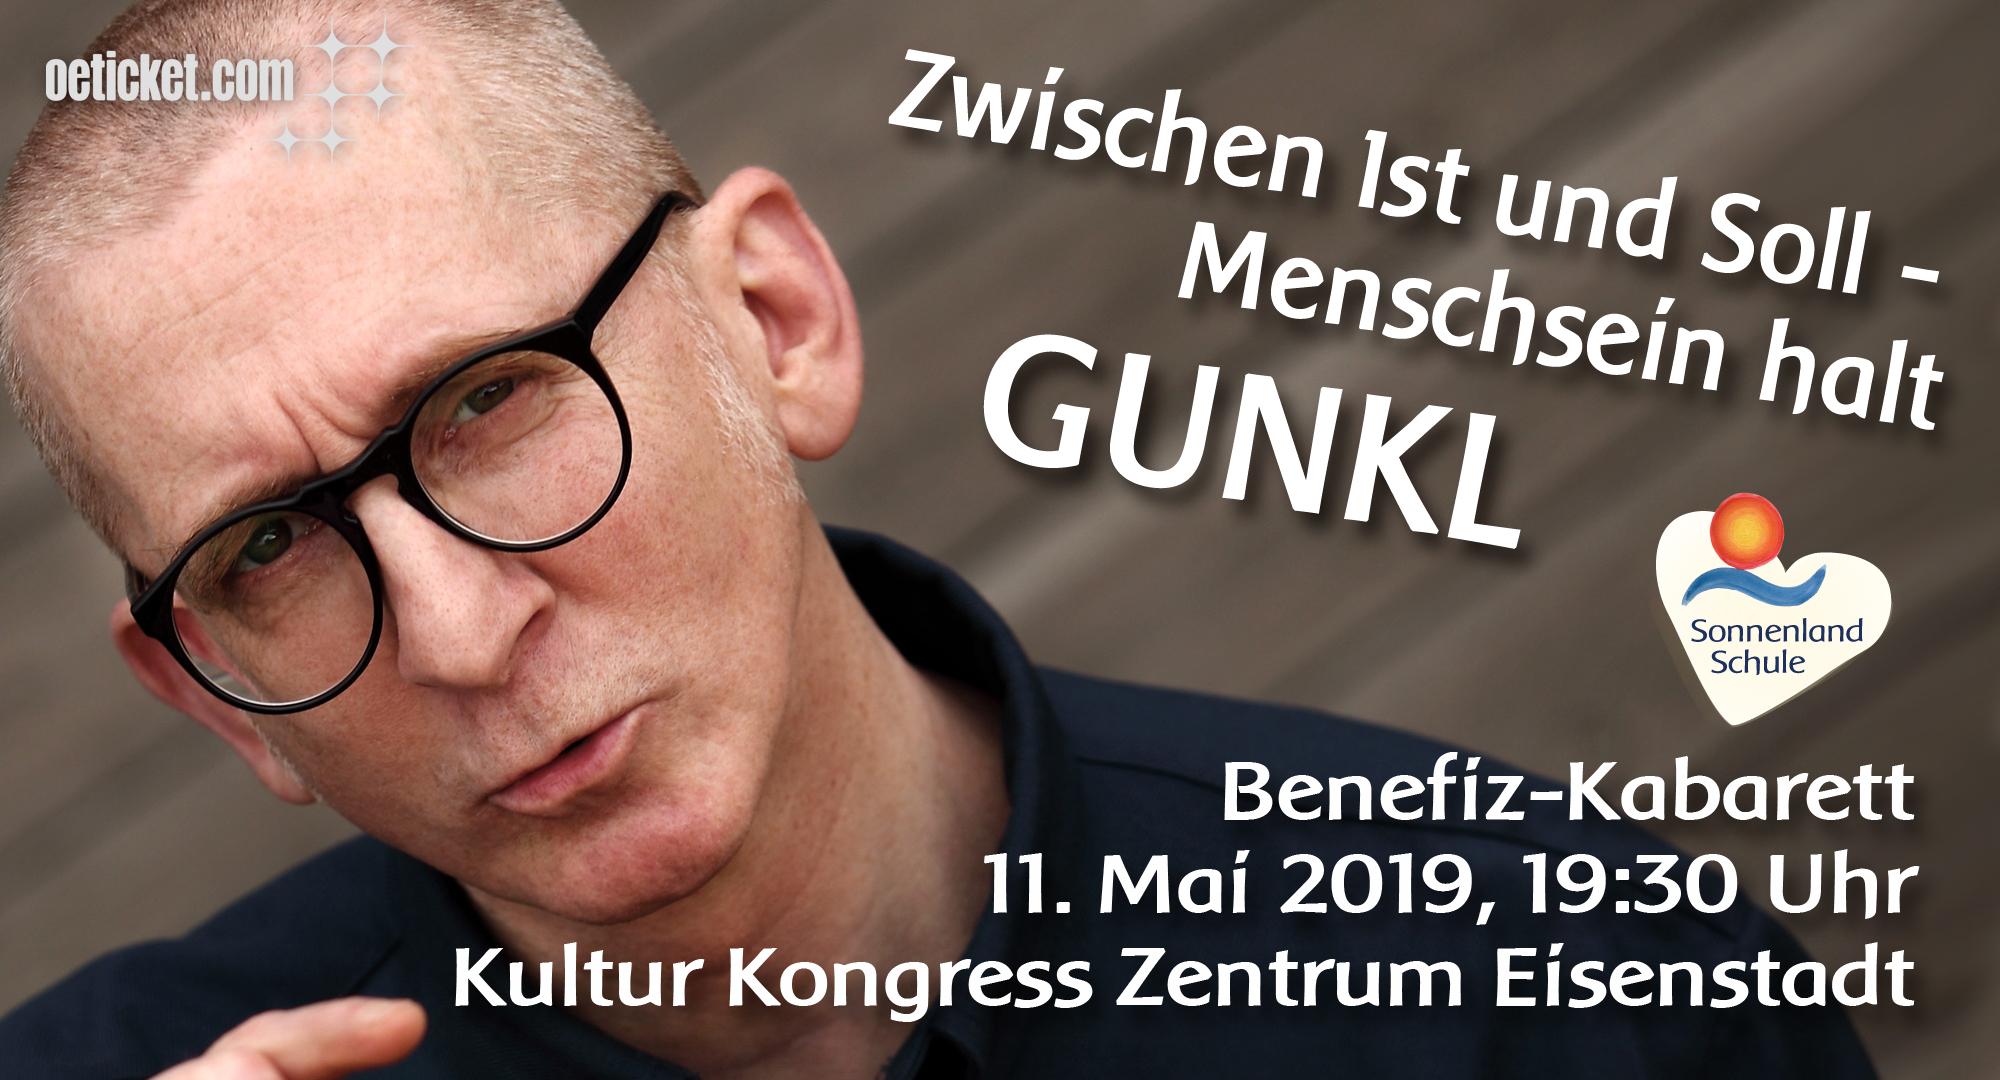 Benefiz-Kabarett Gunkl